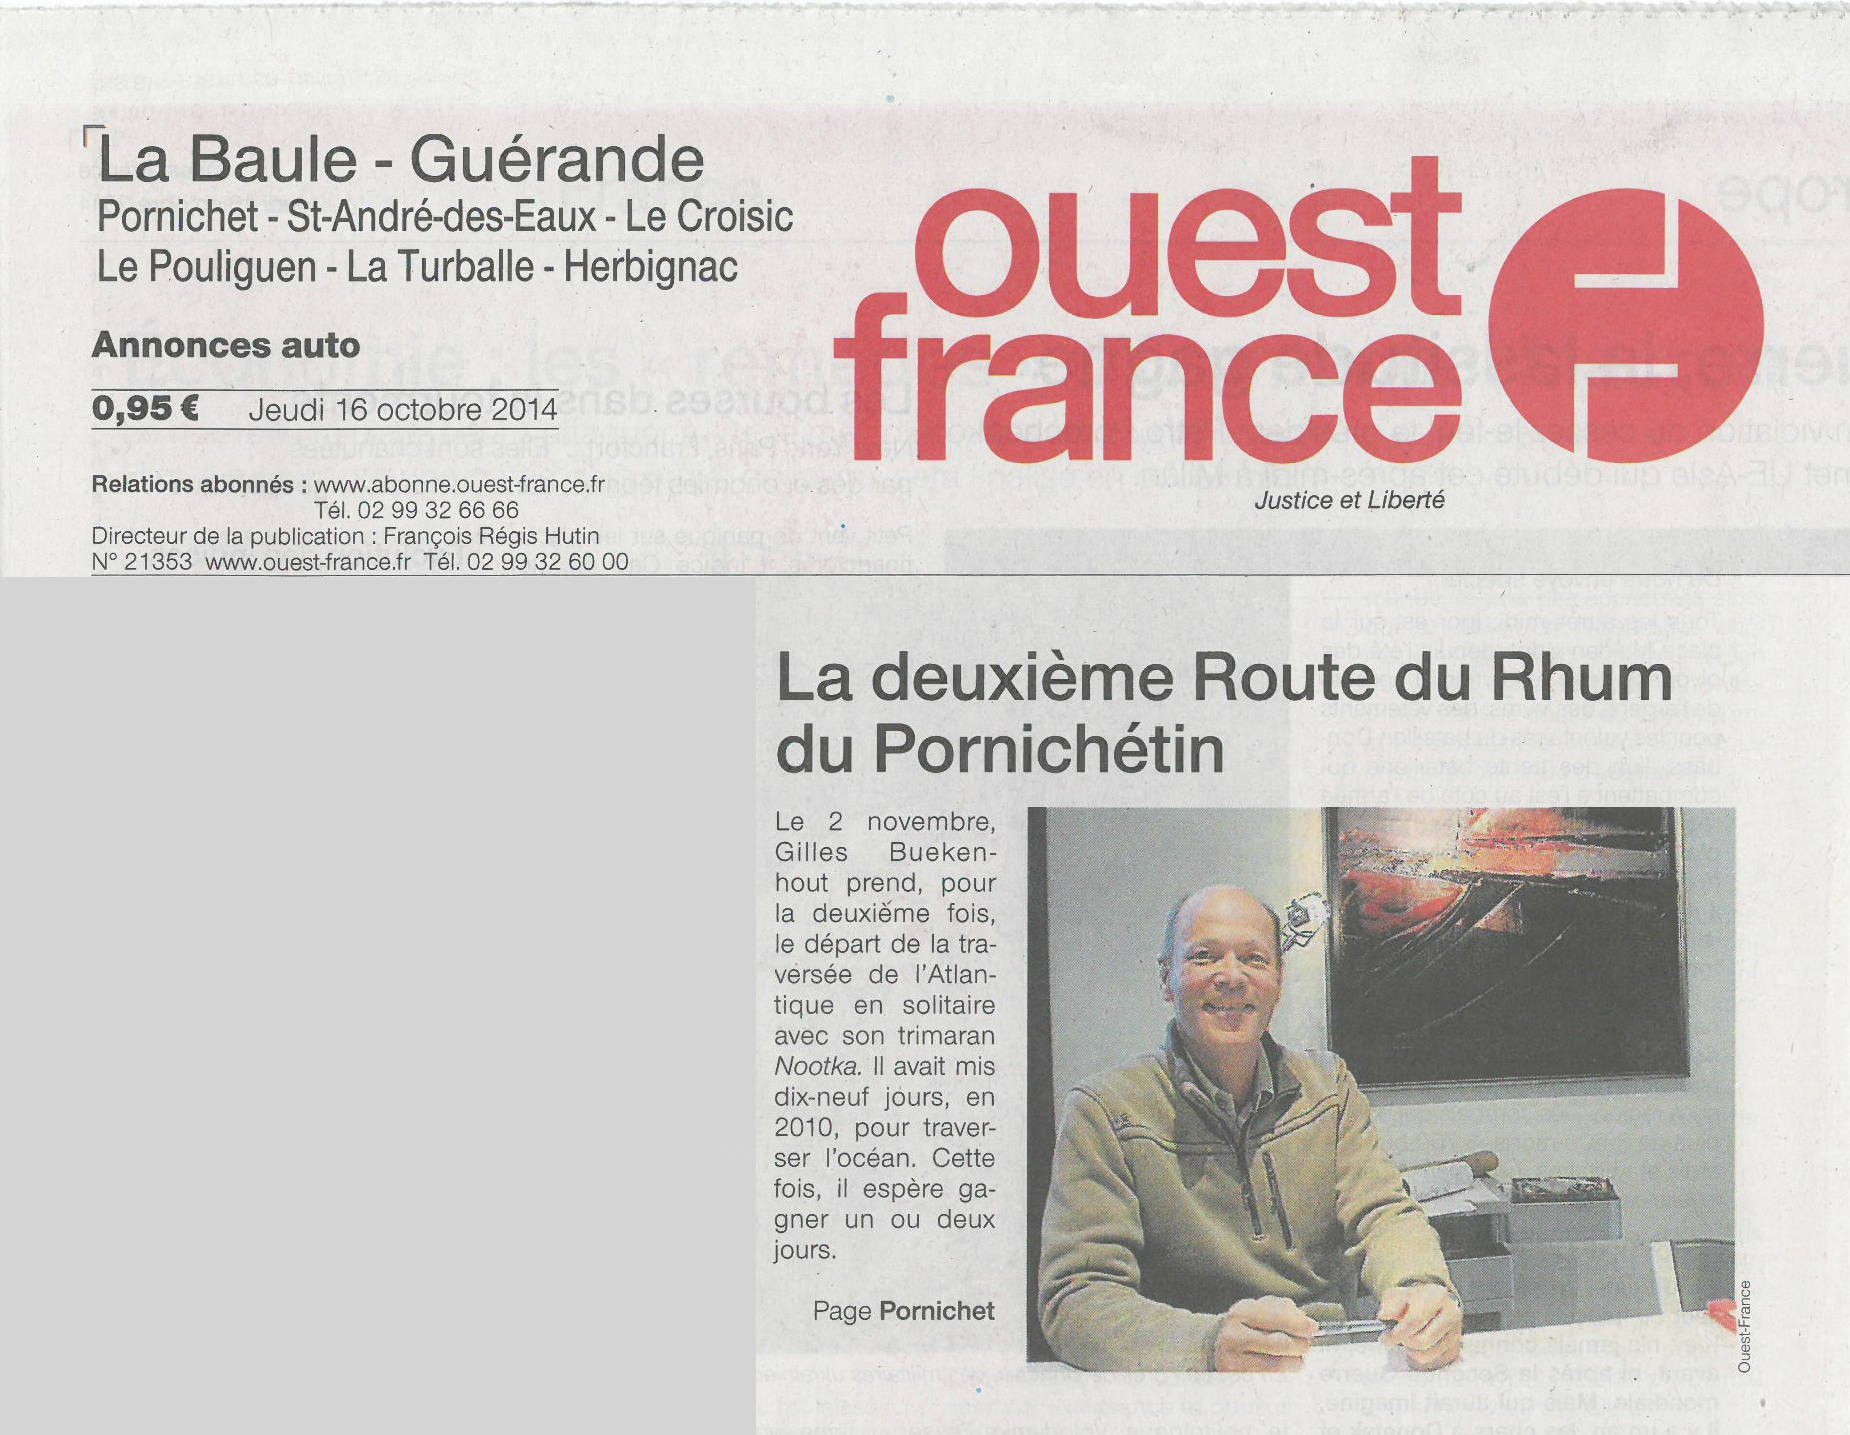 Presse - Ouest france le journal gratuit ...